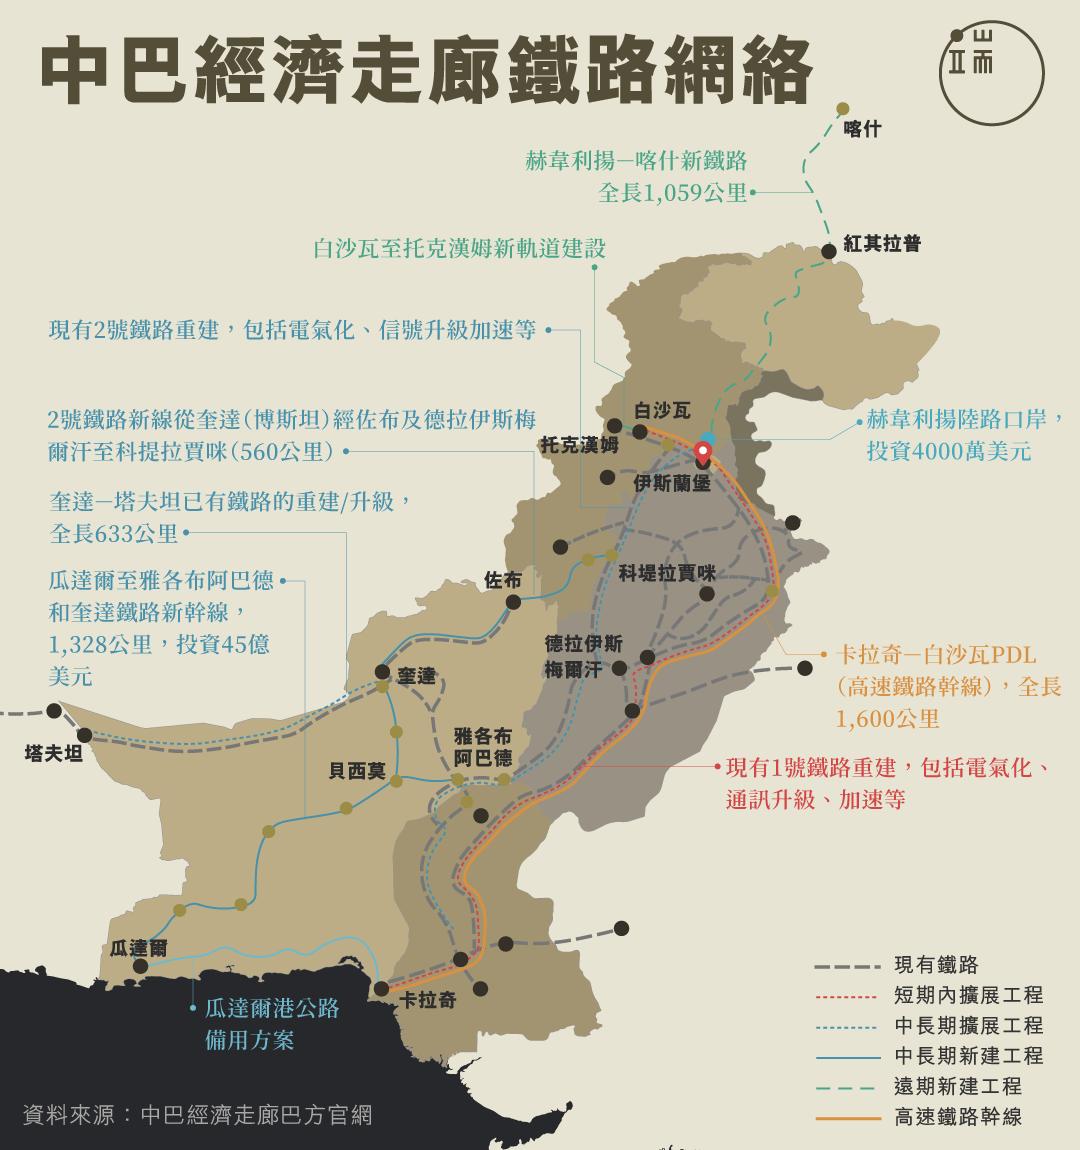 中巴經濟走廊鐵路網絡